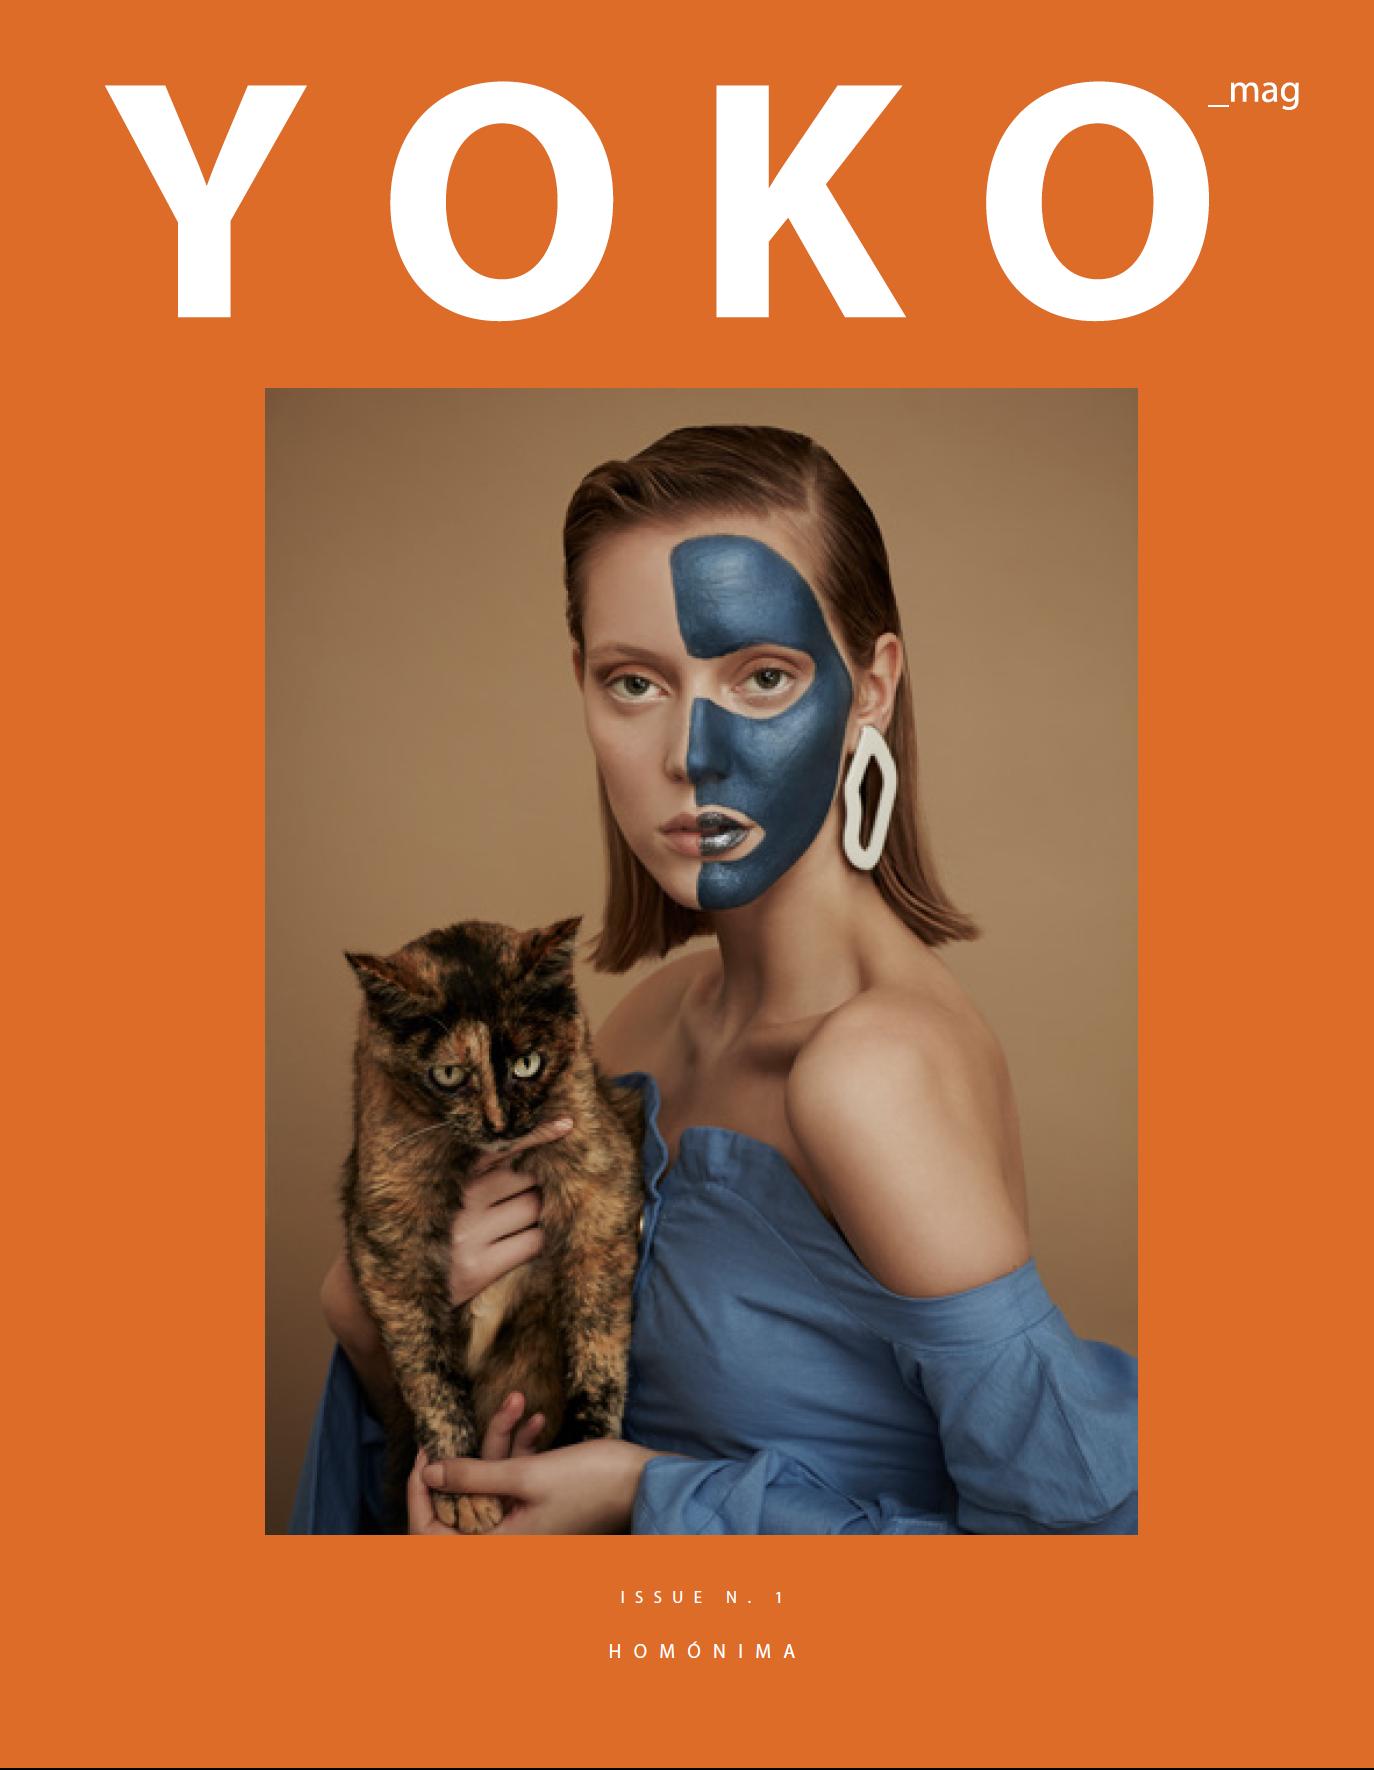 Yoko Mag